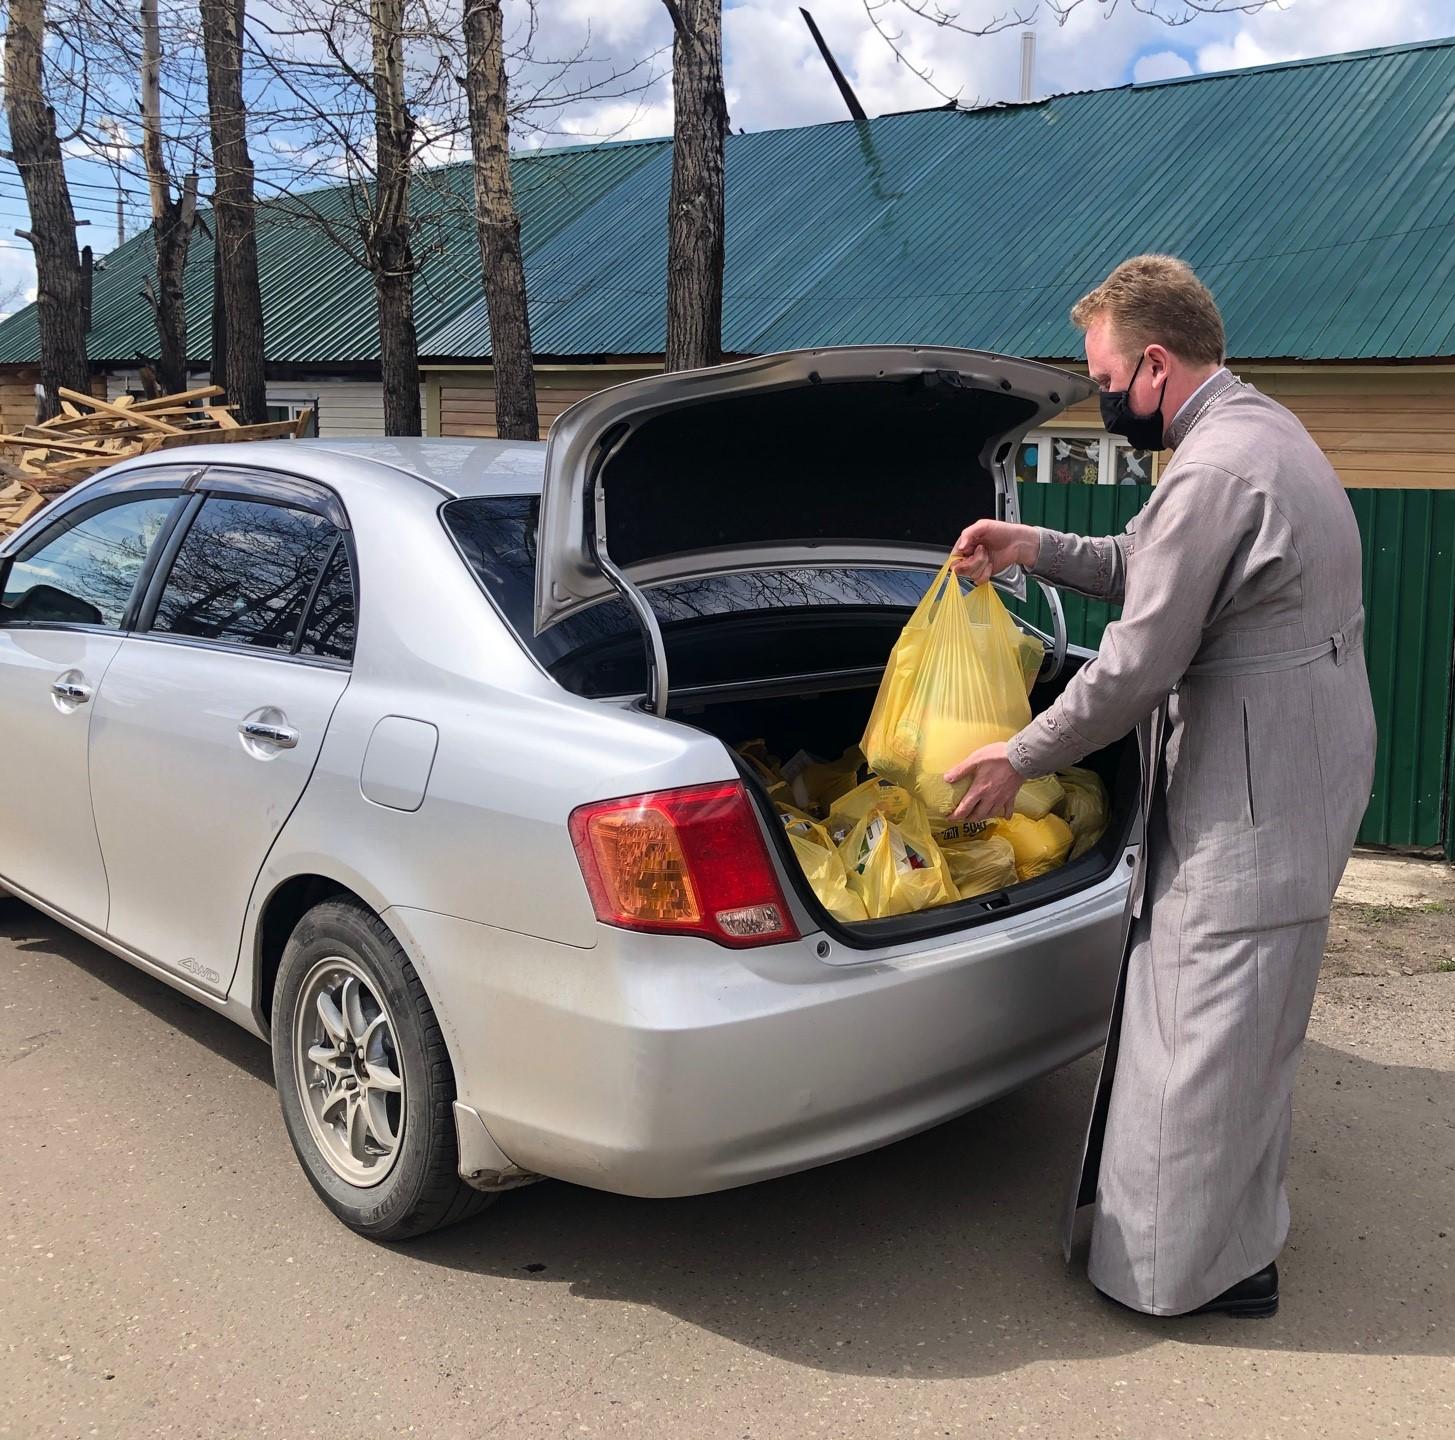 Добро с доставкой: волонтеры Лицея и Алданского благочиния объединились в оказании помощи школьникам